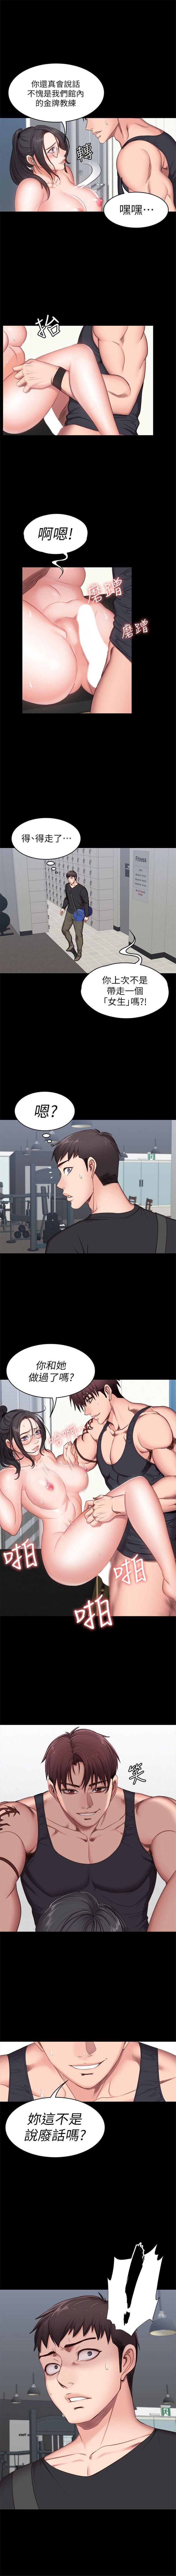 健身教練 1-56 官方中文(連載中) 29